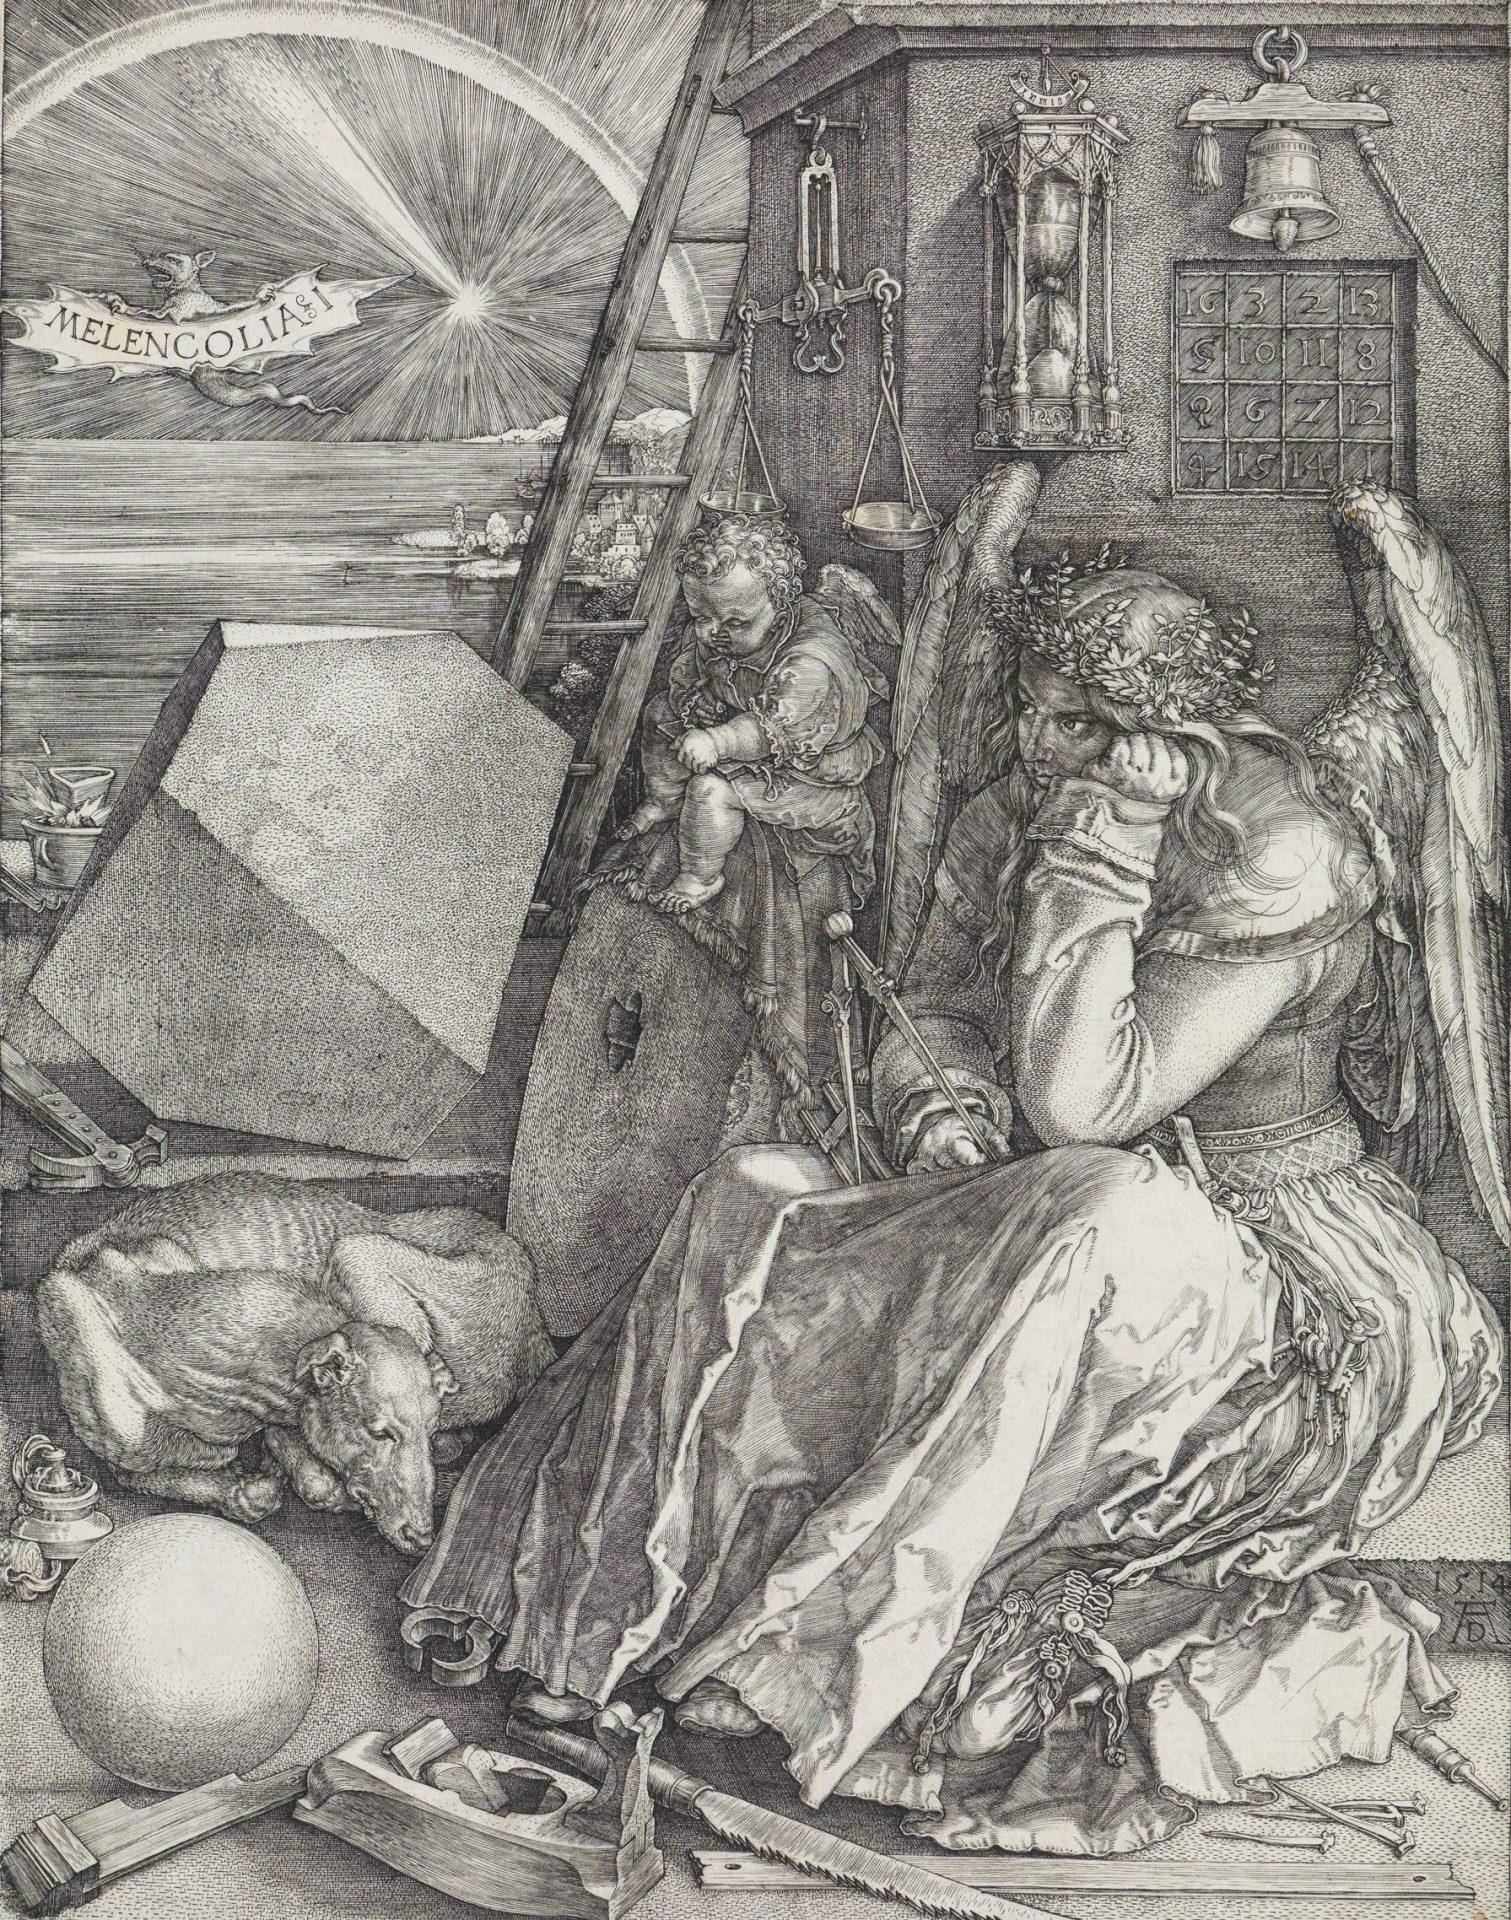 Abbildung des Kupferstiches Melencolia I des Renaissance-Künstlers Albrecht Dürer aus dem Jahr 1514